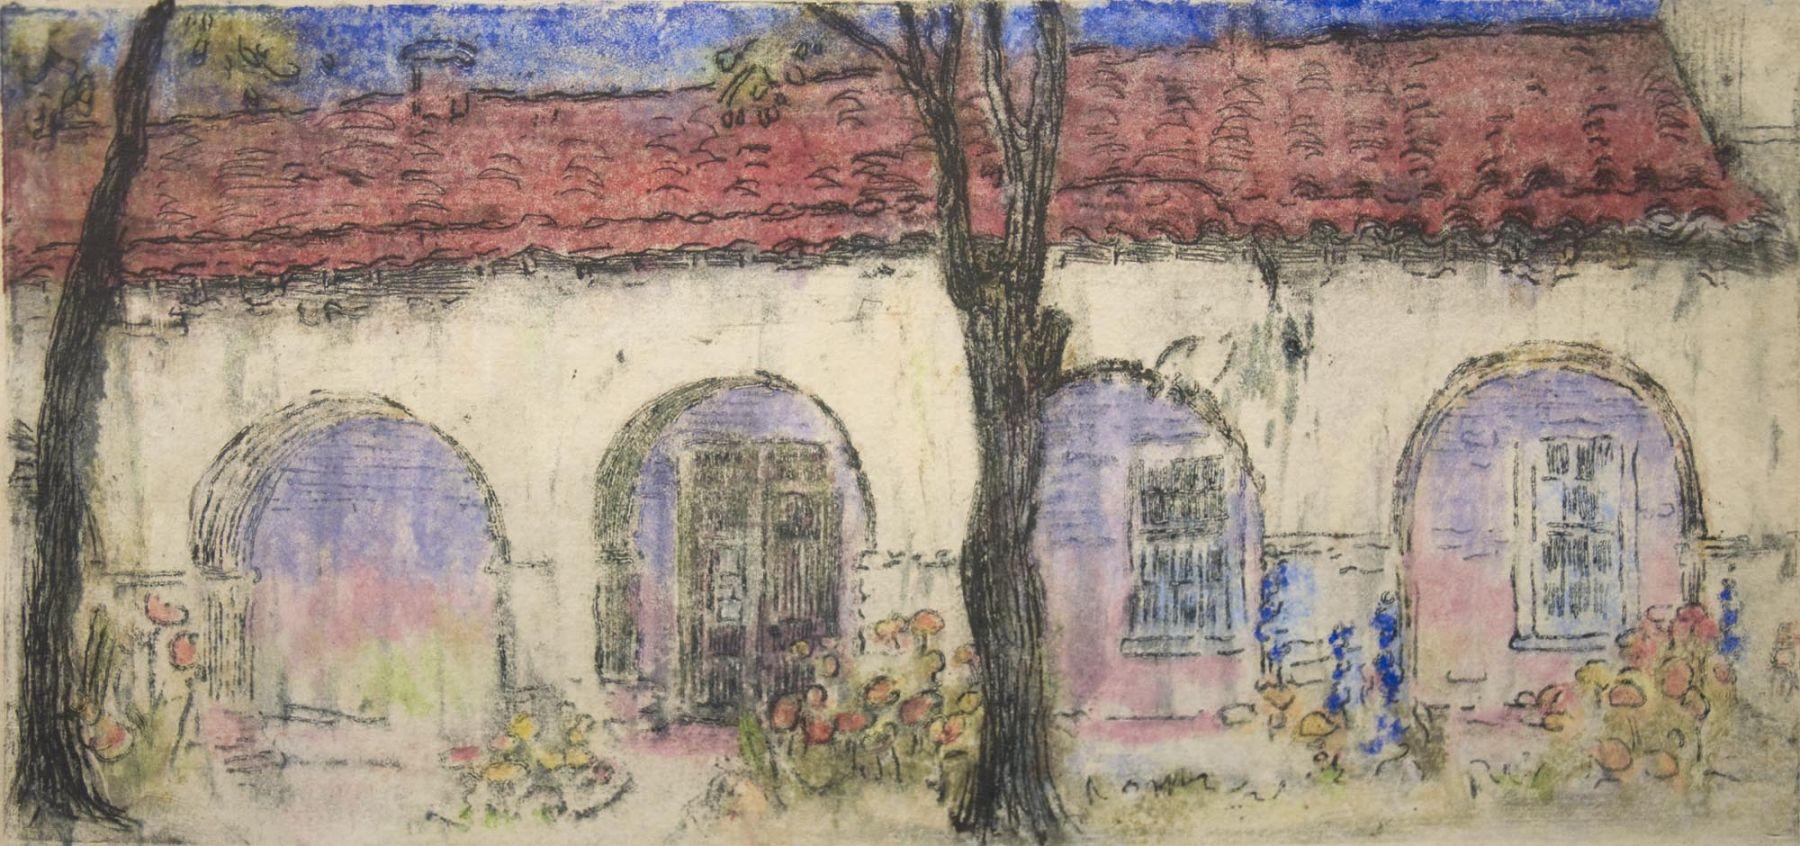 Nell Brooker Mayhew, Mission San Juan Bautista, 1921